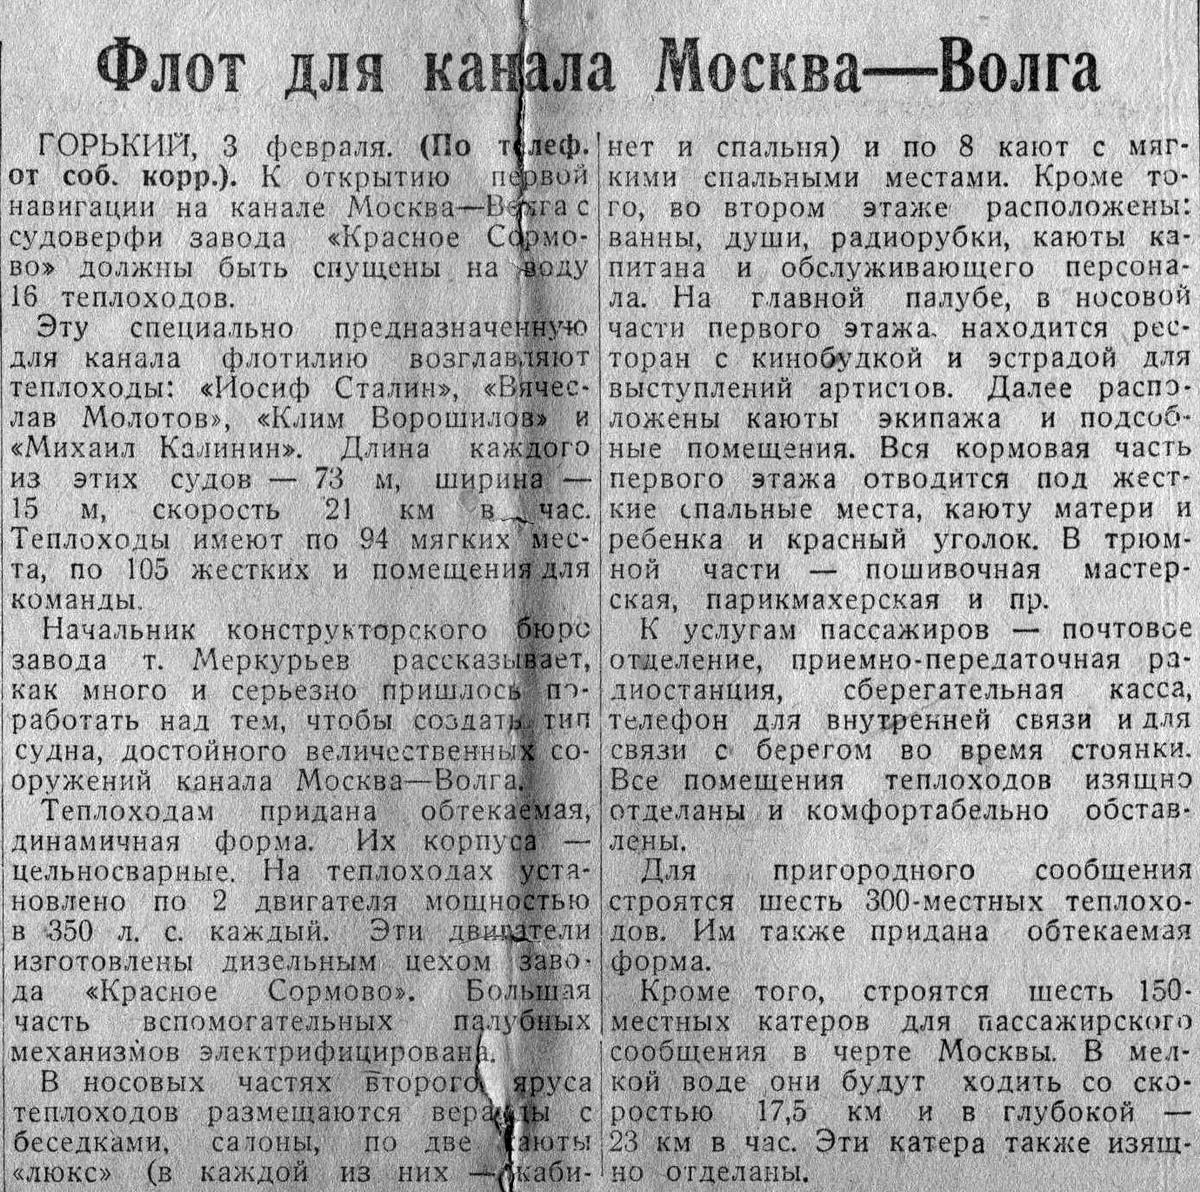 Газета «Известия» от 4 февраля 1937 года